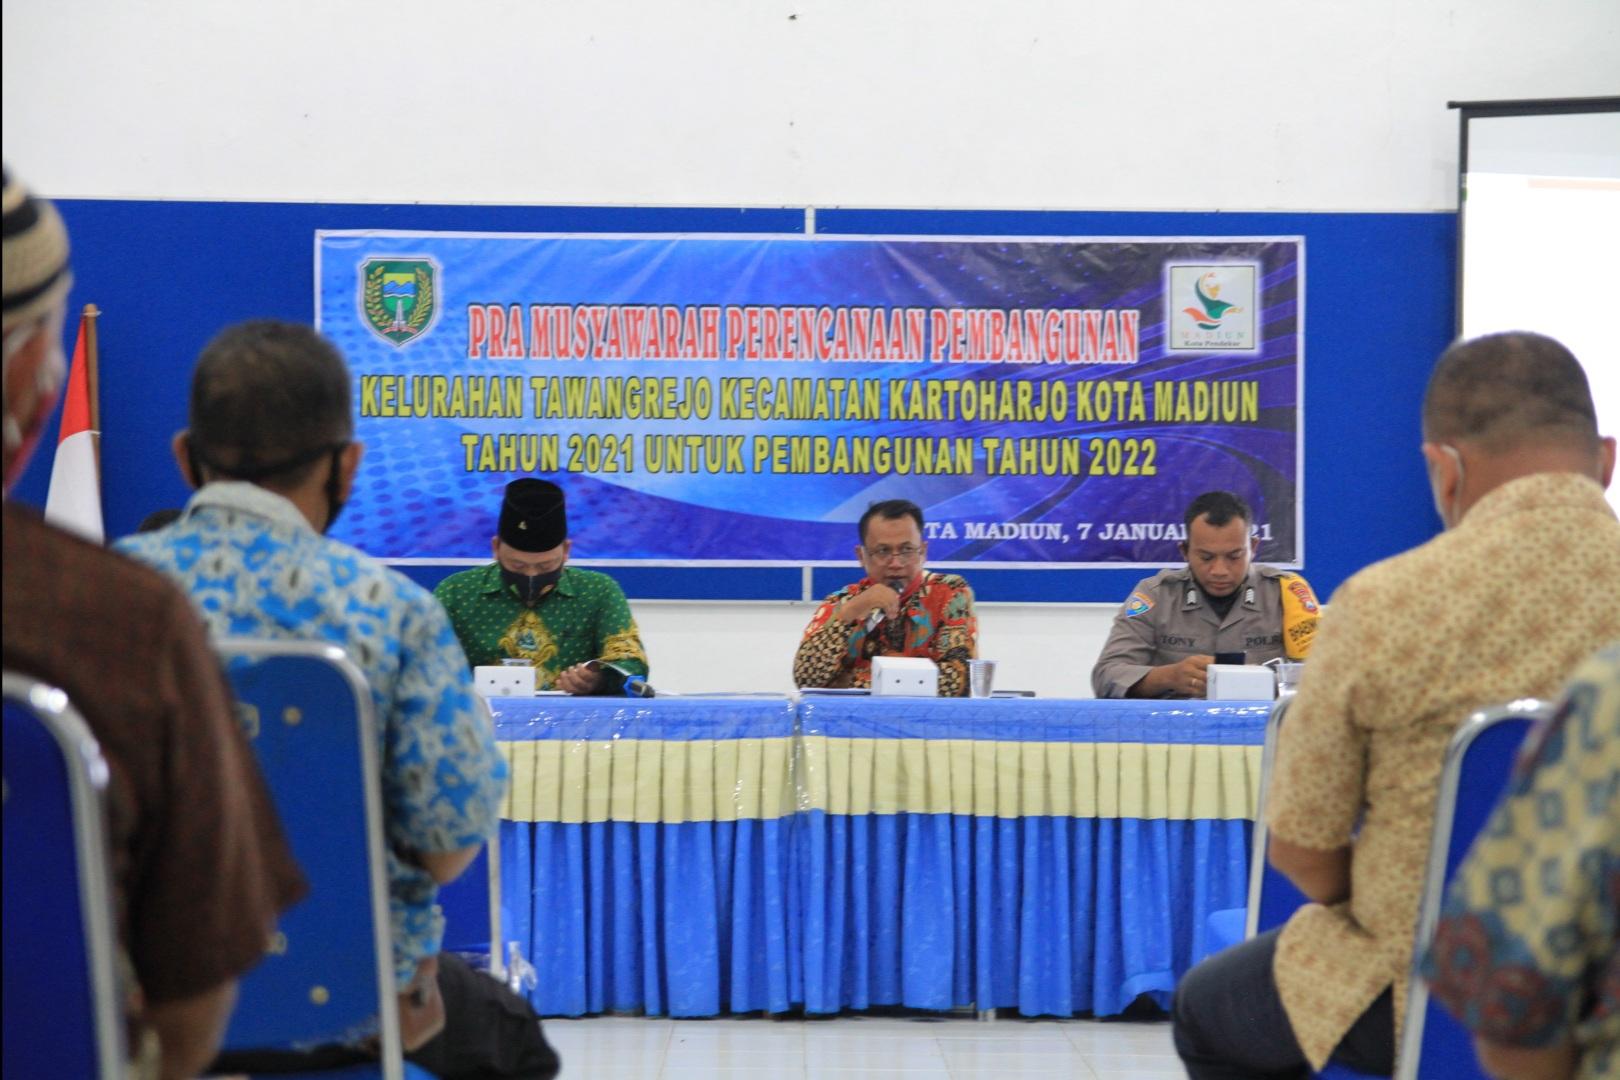 Pra Musyawarah Perencanaan Pembangunan Kelurahan Tawangrejo Untuk Tahun 2022